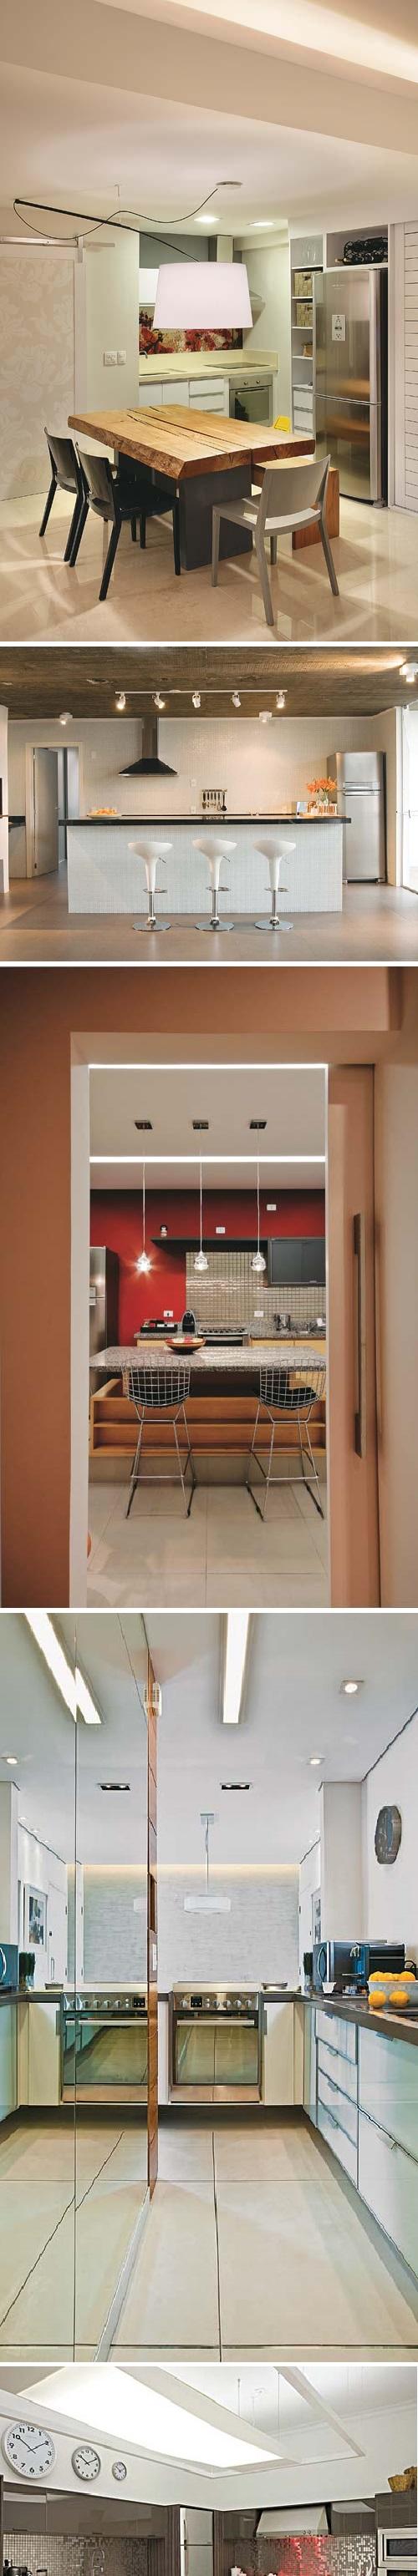 Iluminação na cozinha 3